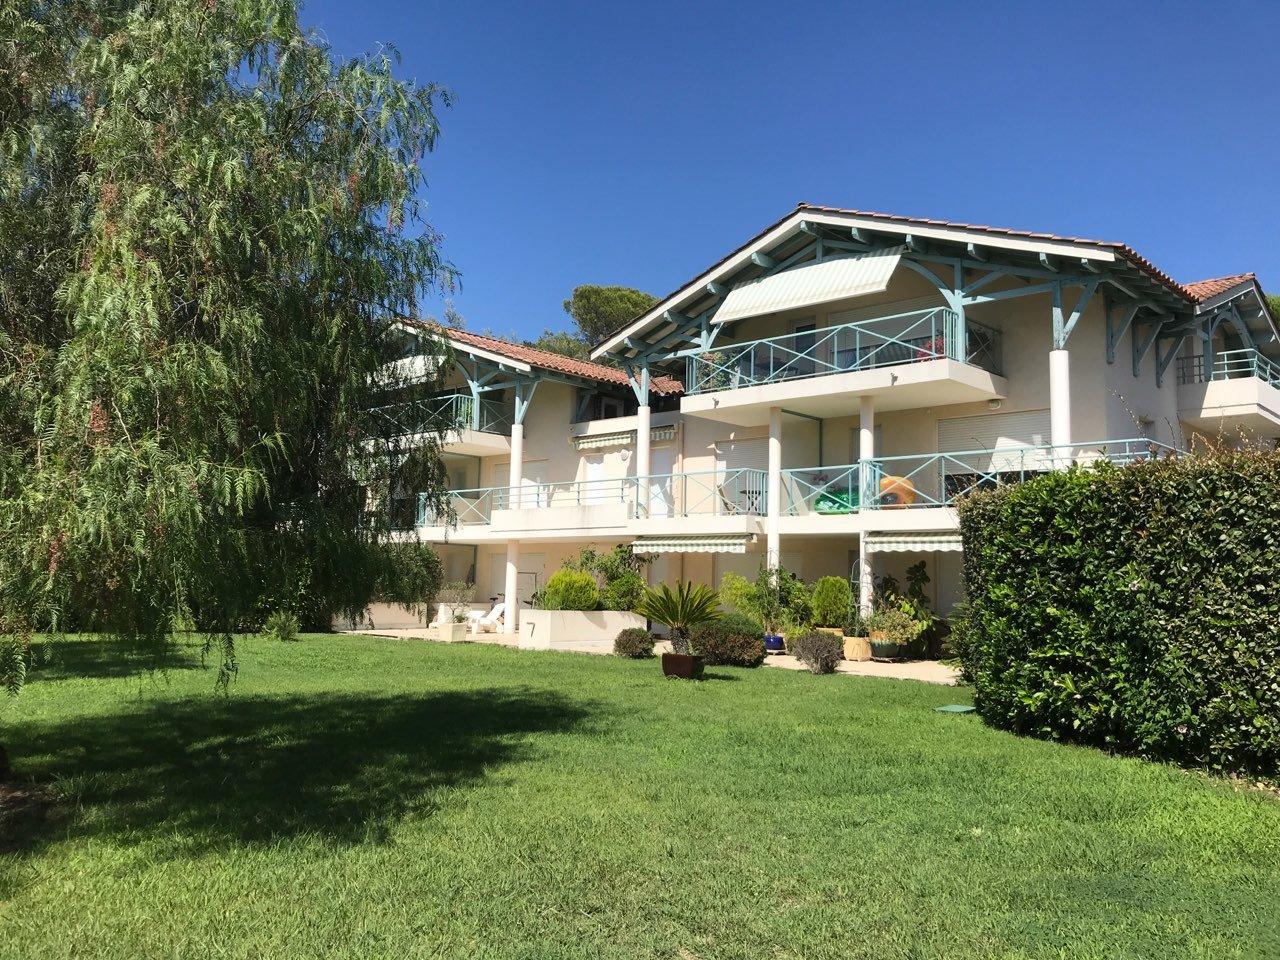 FREJUS-T3 vacances résidence piscine